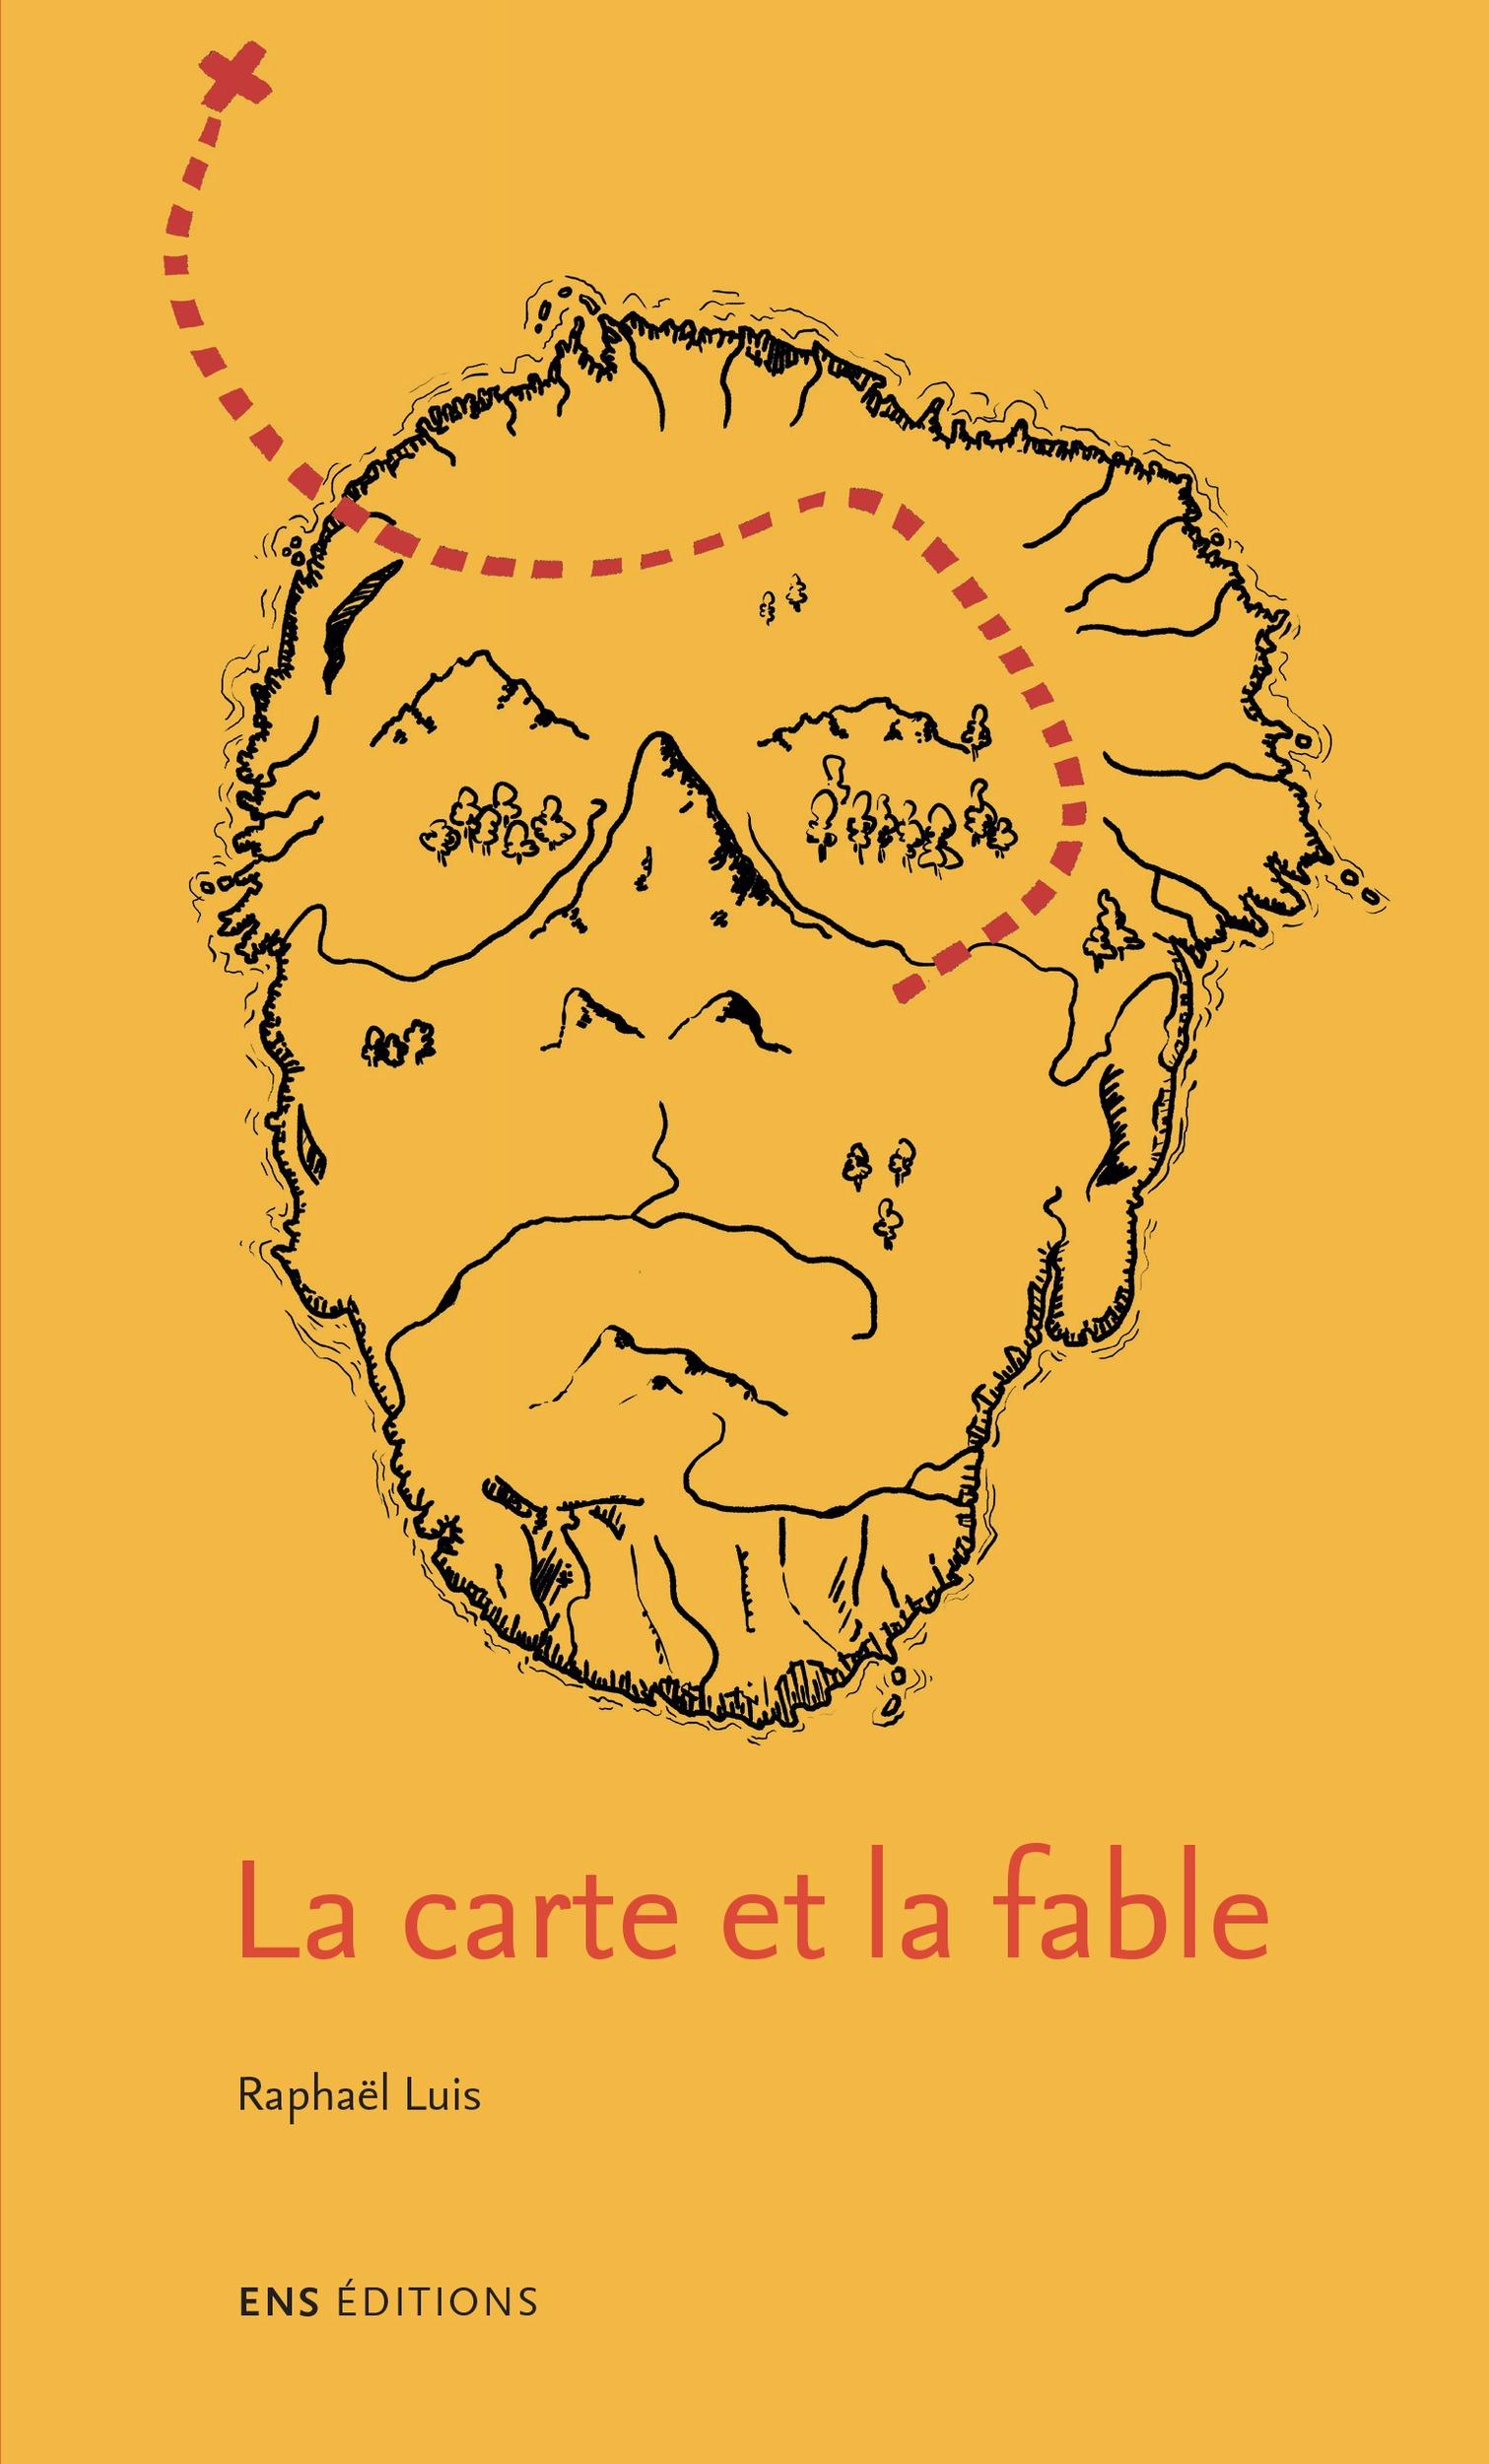 Raphaël Luis La carte et la fable